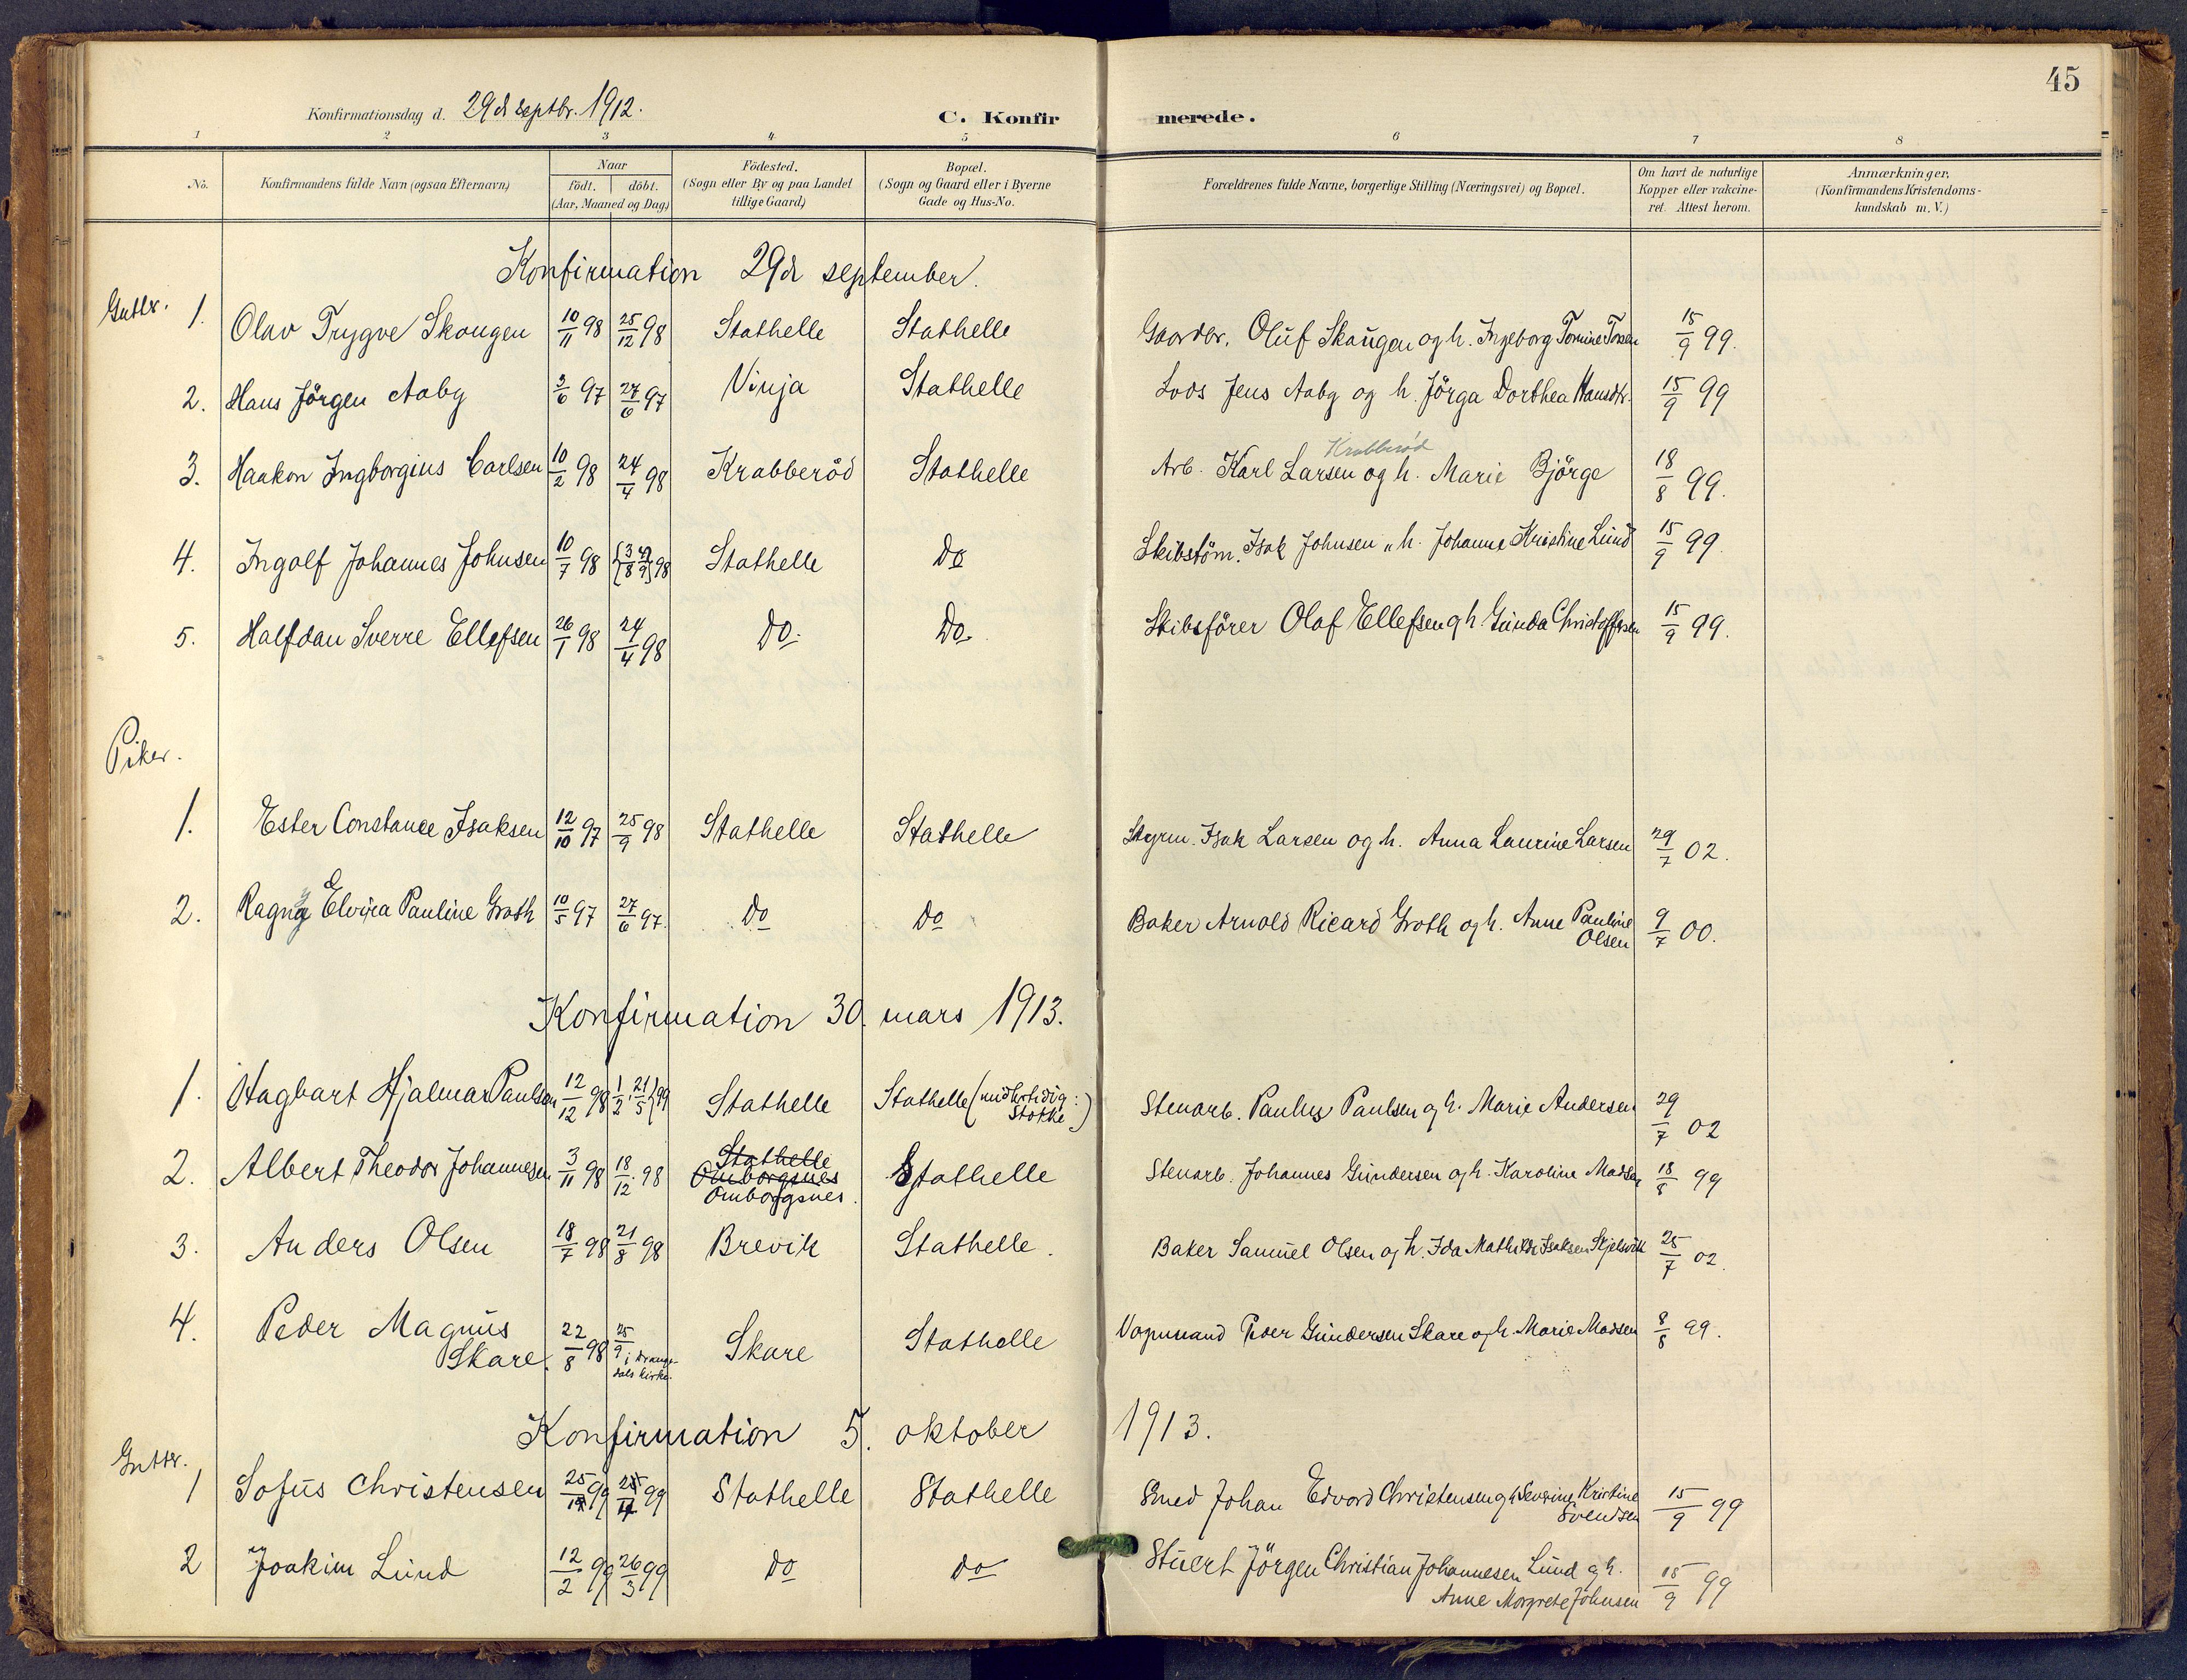 SAKO, Bamble kirkebøker, F/Fb/L0002: Ministerialbok nr. II 2, 1900-1921, s. 45